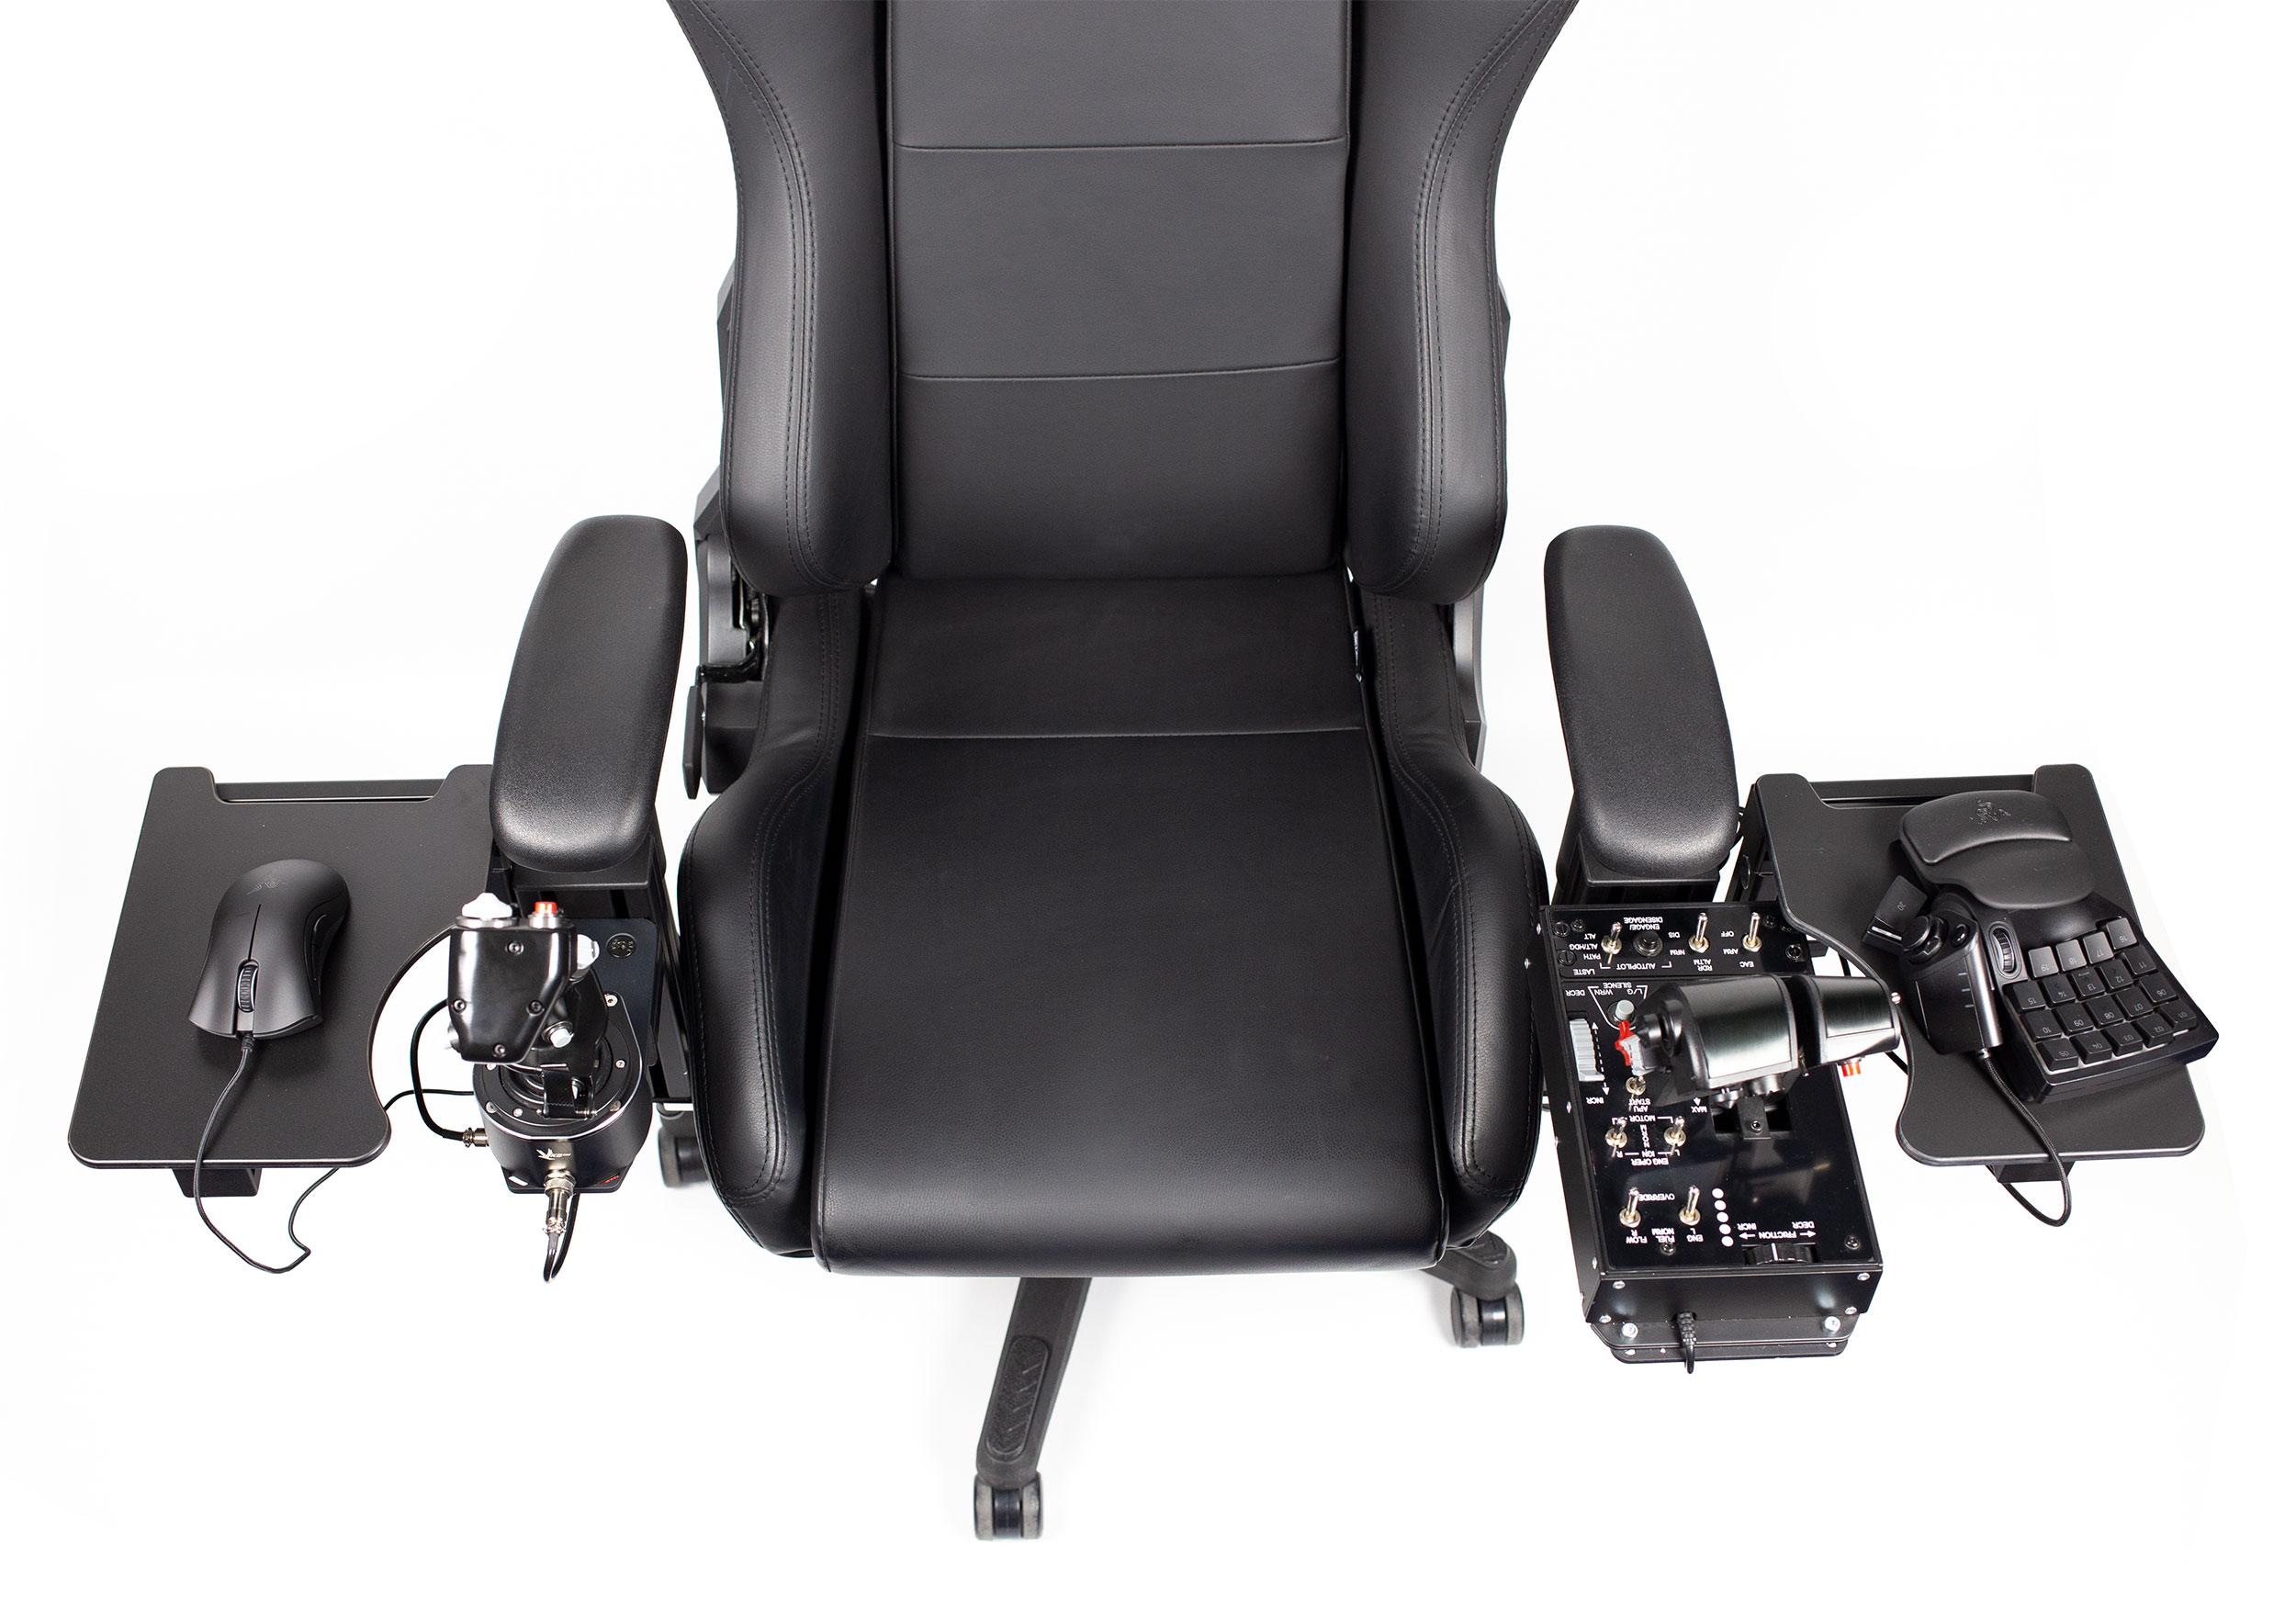 Maus Erweiterung F 252 R Sitzhalterung Monstertech